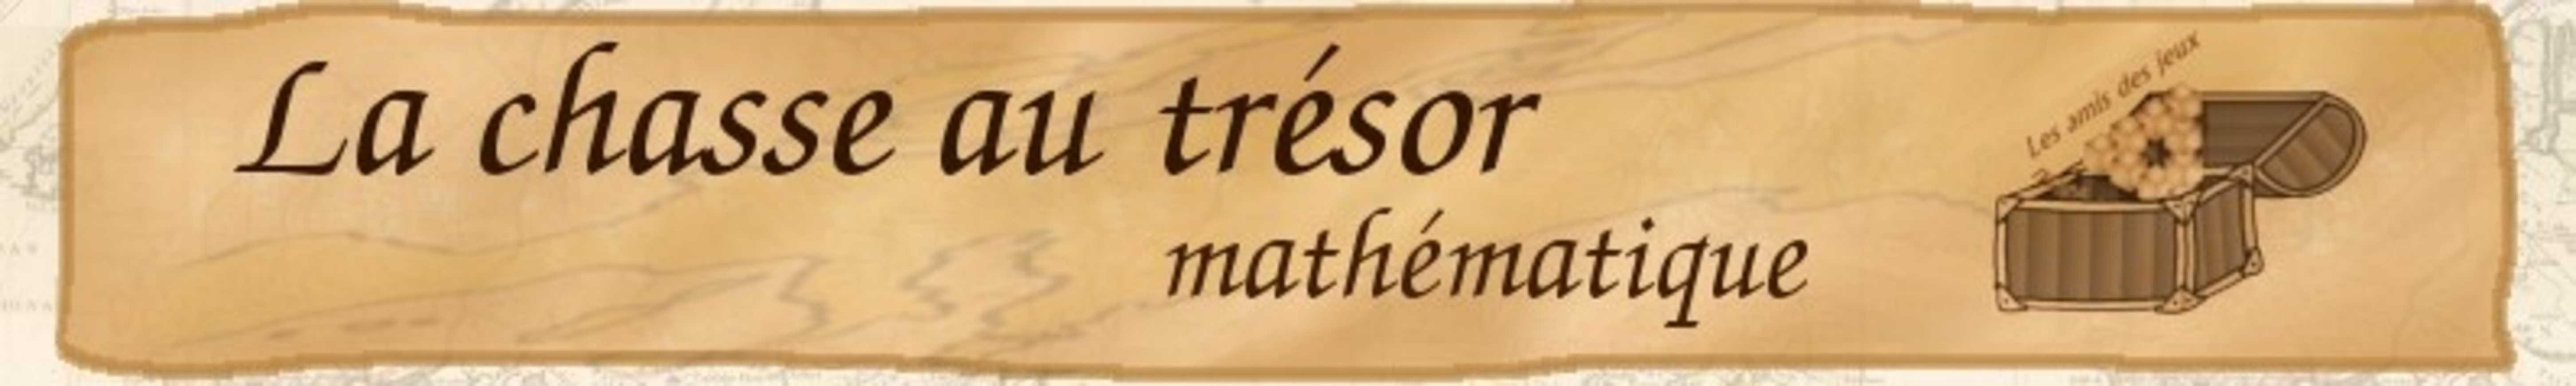 Chasse au trésor mathématique 0